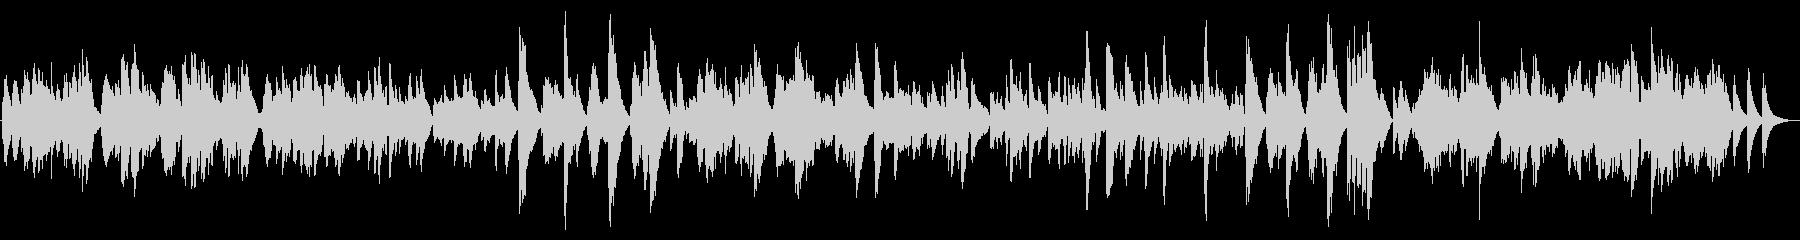 シシリエンヌ/フォーレ (チェロ)の未再生の波形